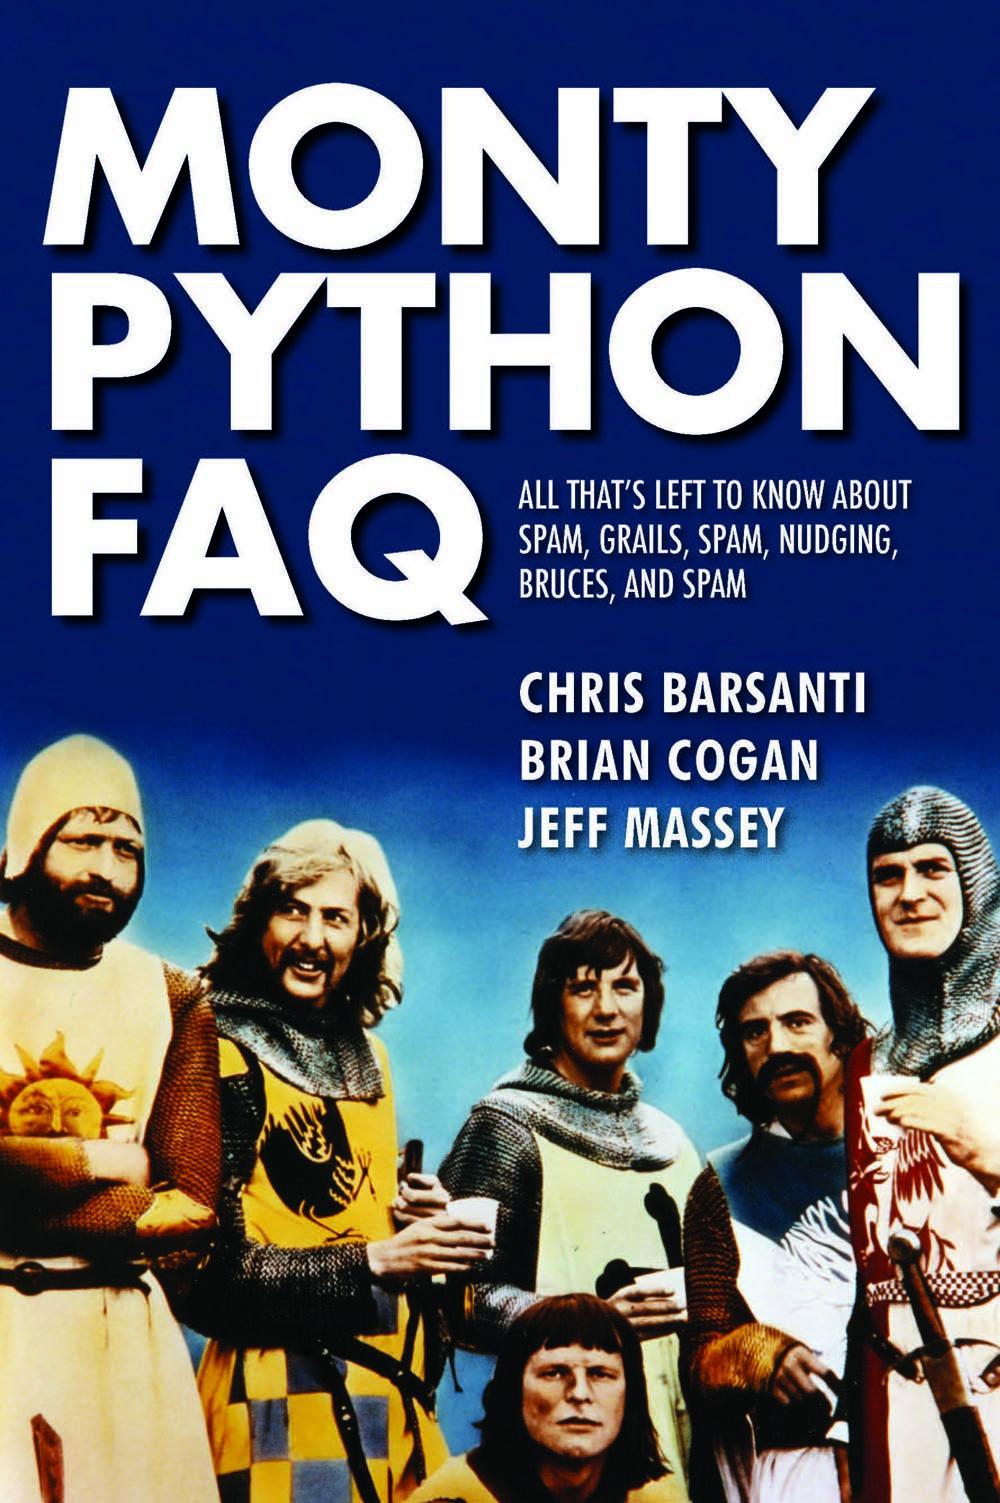 MontyPythonFAQ_front cover smaller.jpg